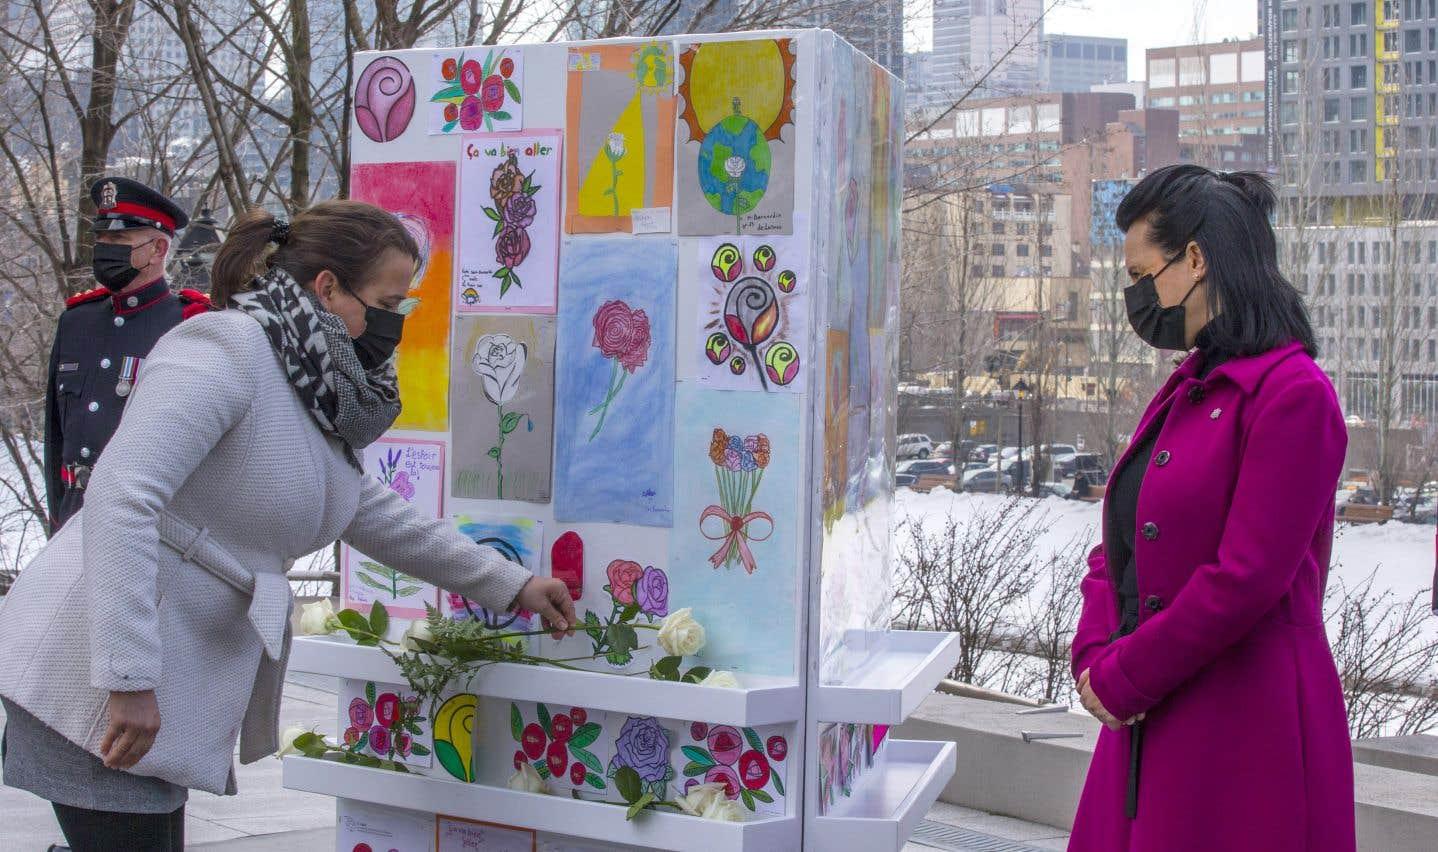 Accompagnée par la Dre Mylène Drouin, la mairesse de Montréal, Valérie Plante (à droite), a inauguré un monument à la mémoire des victimes sur la place Vauquelin et a rappelé les lourds sacrifices qu'ont dû faire ses concitoyens cette année.